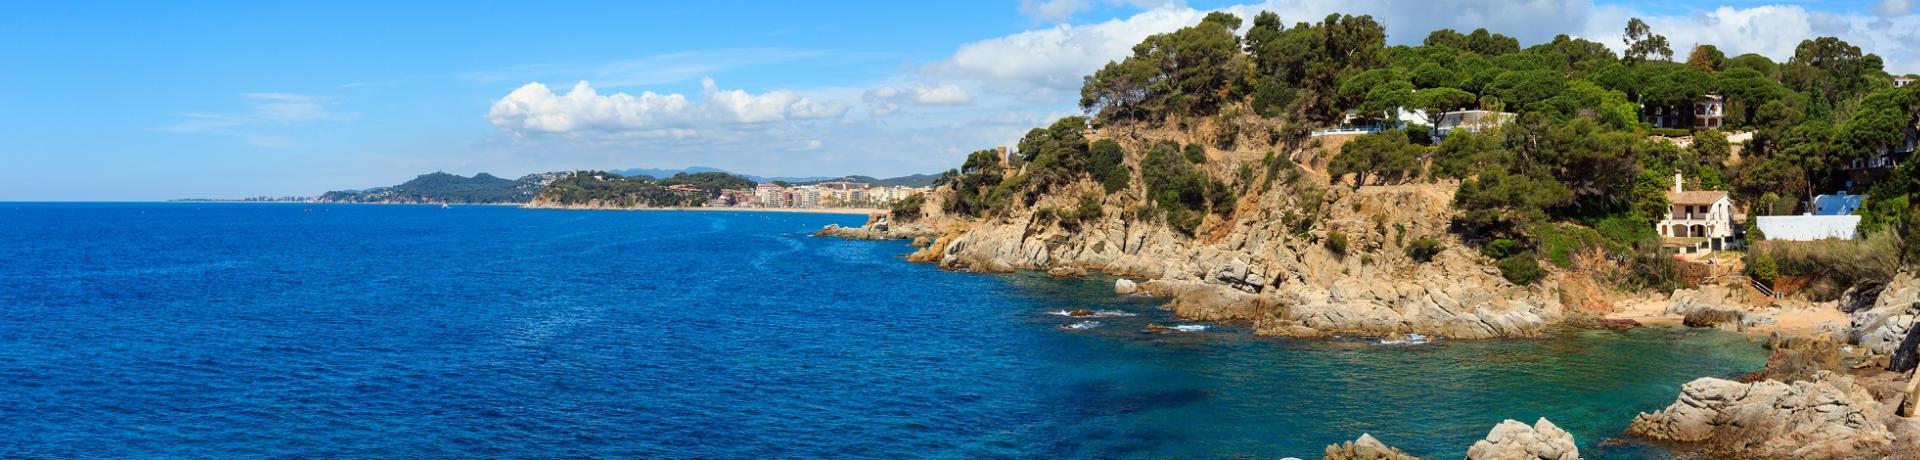 Spanien: Katalonien - Emotion